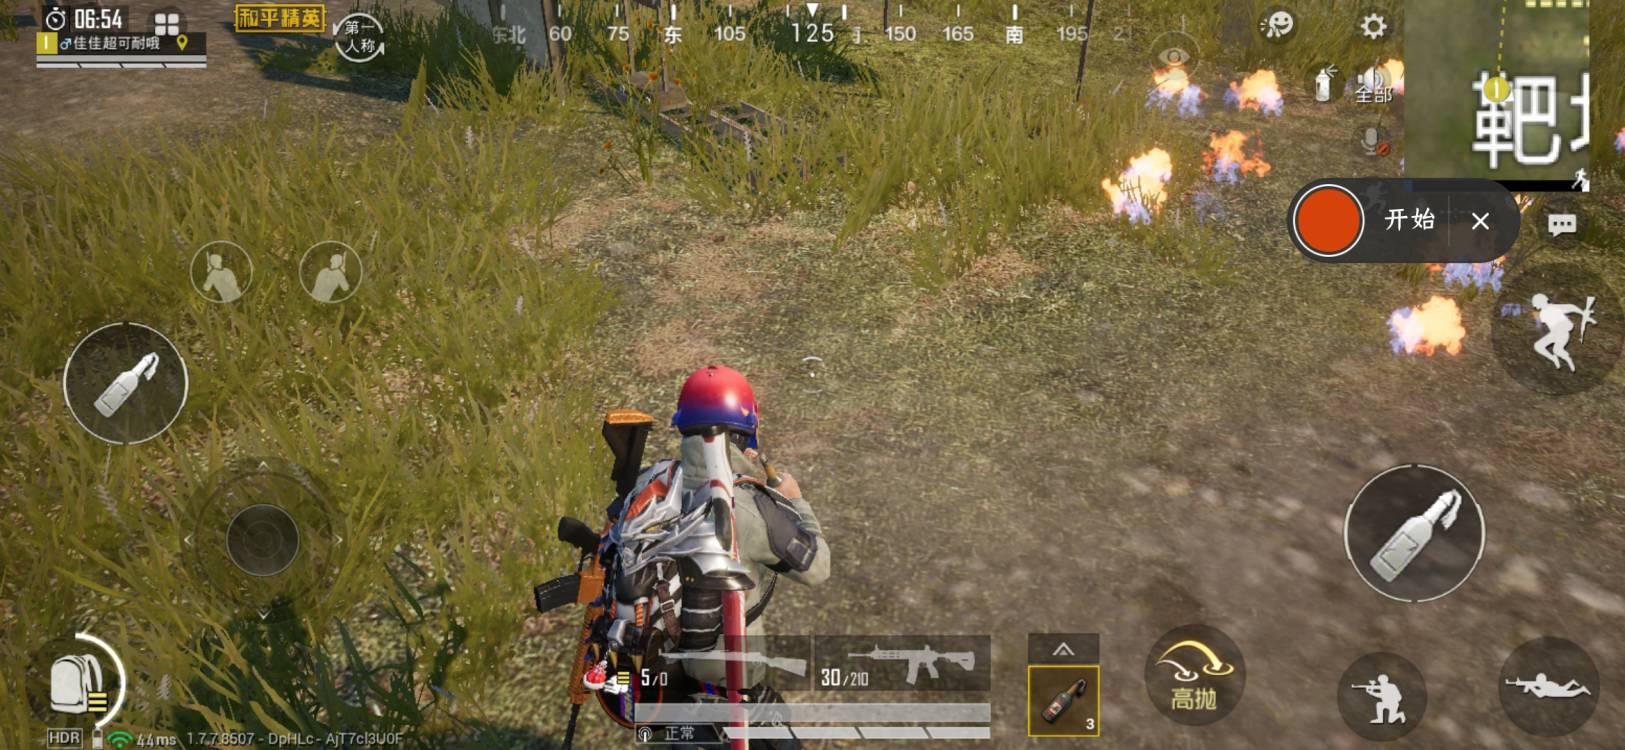 [和平精英]游戏实战BUG卡无限扔烟雾(投掷物)